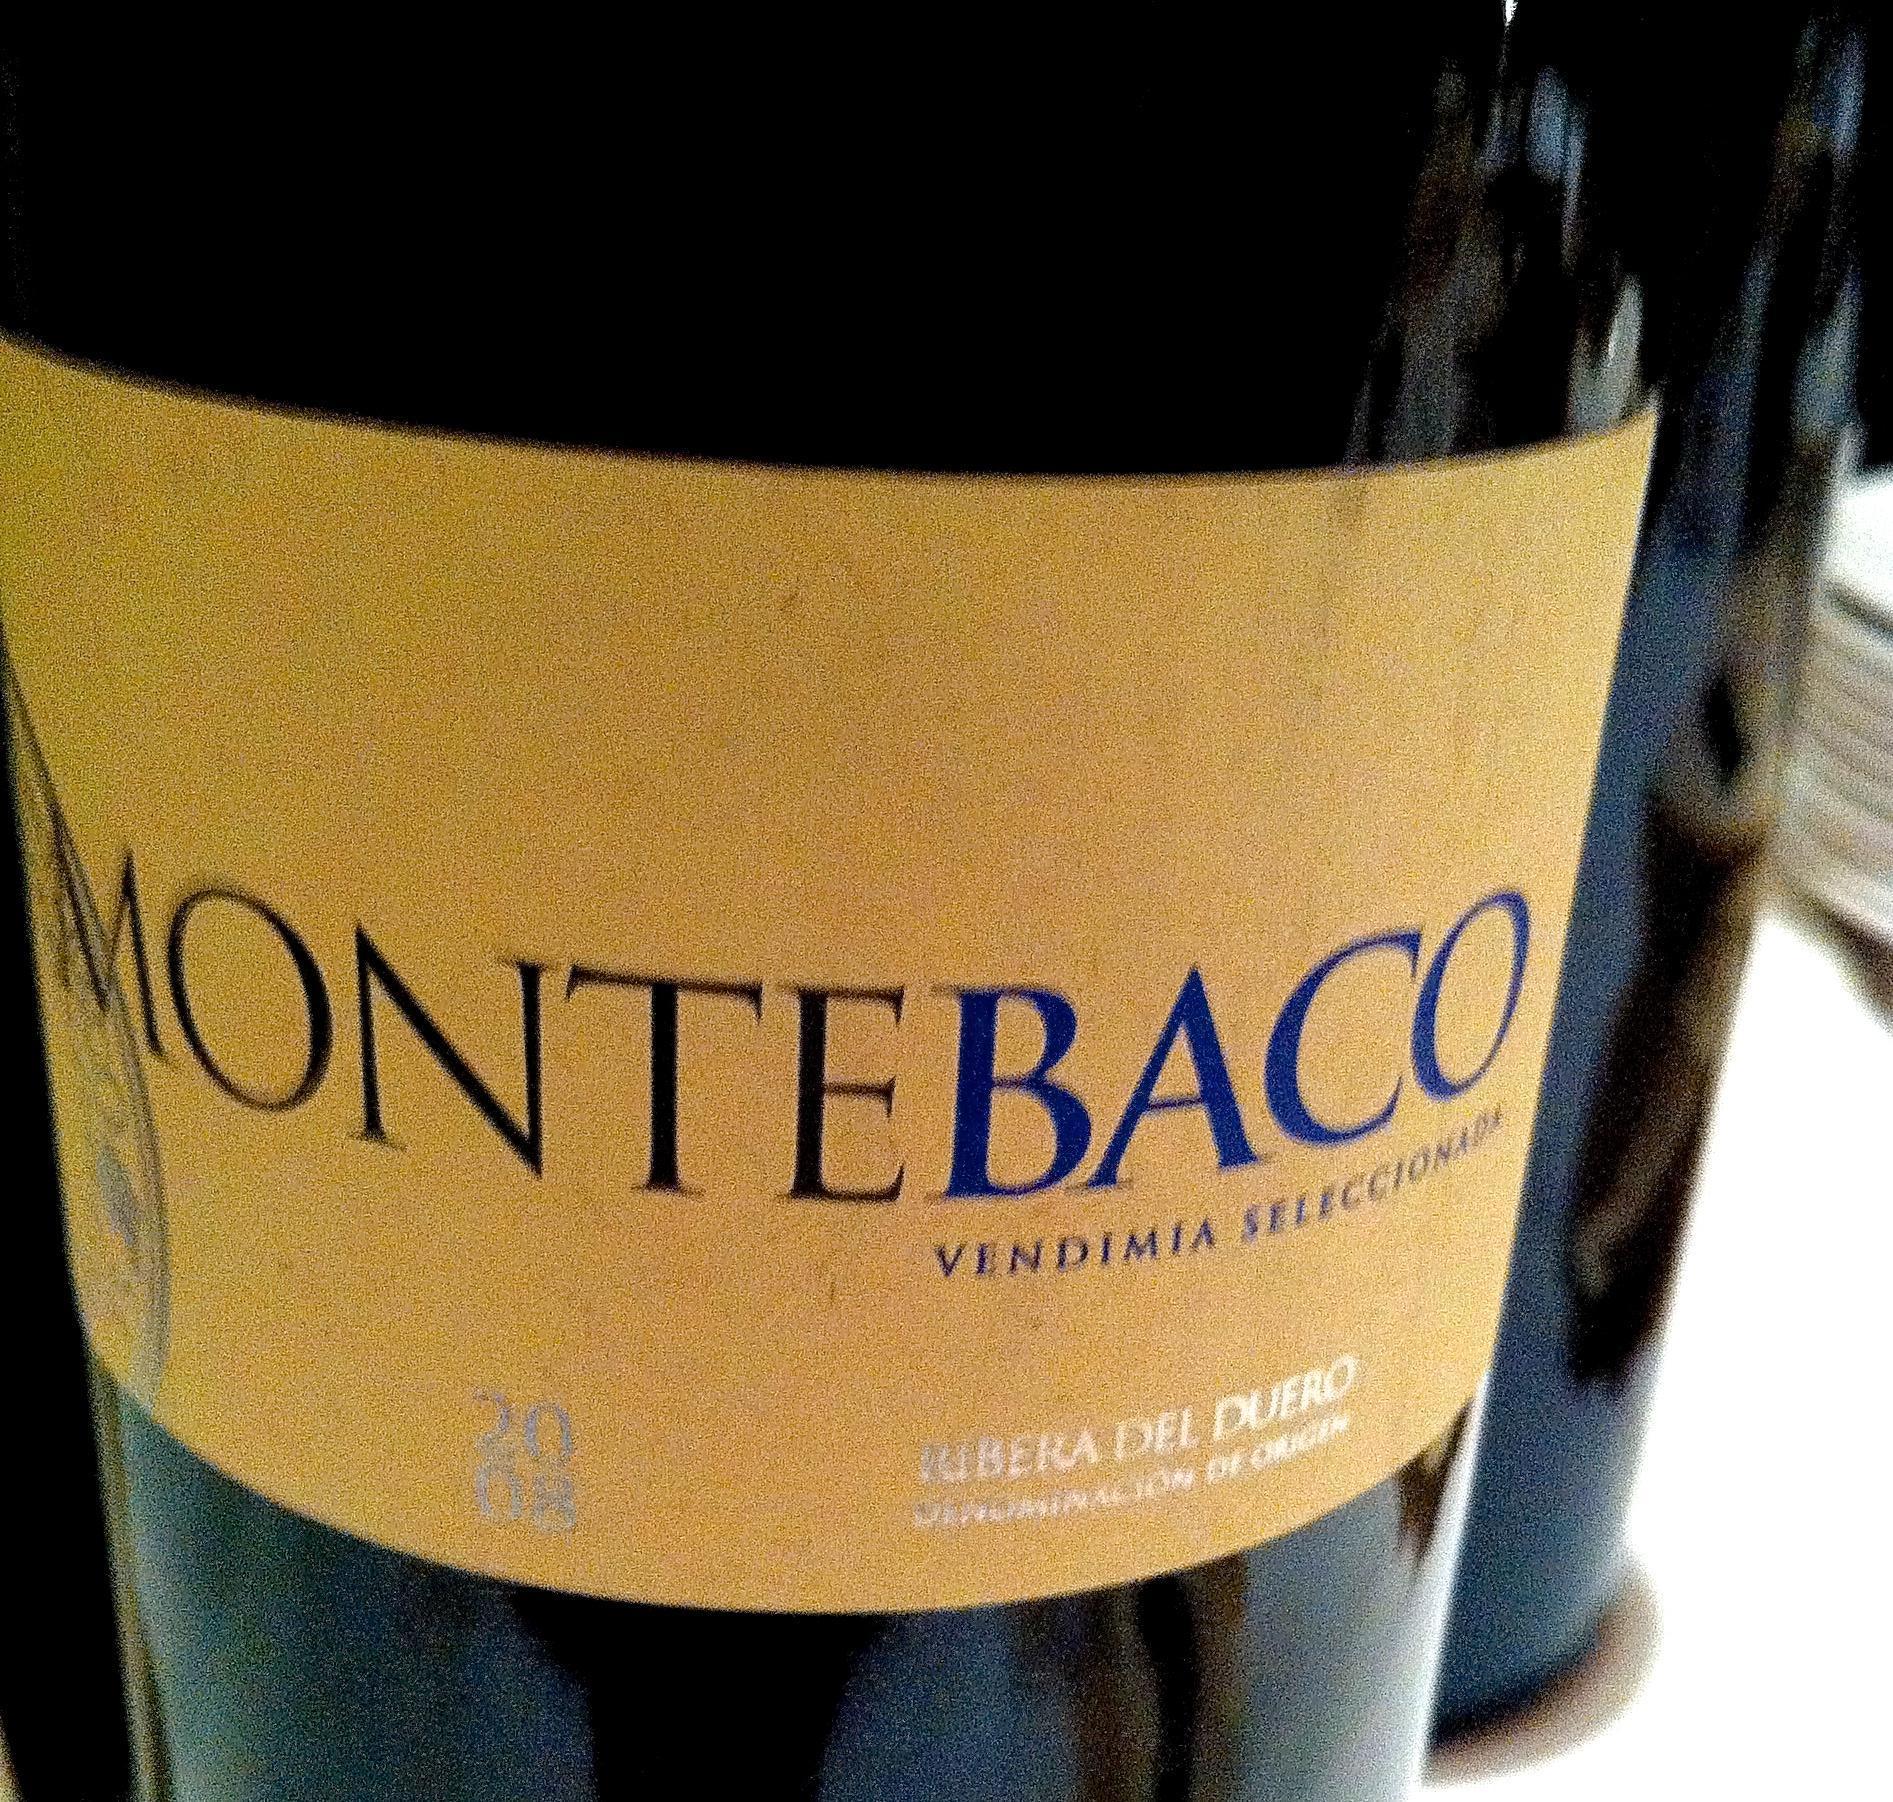 2008 Montebaco Vendimia Seleccionada